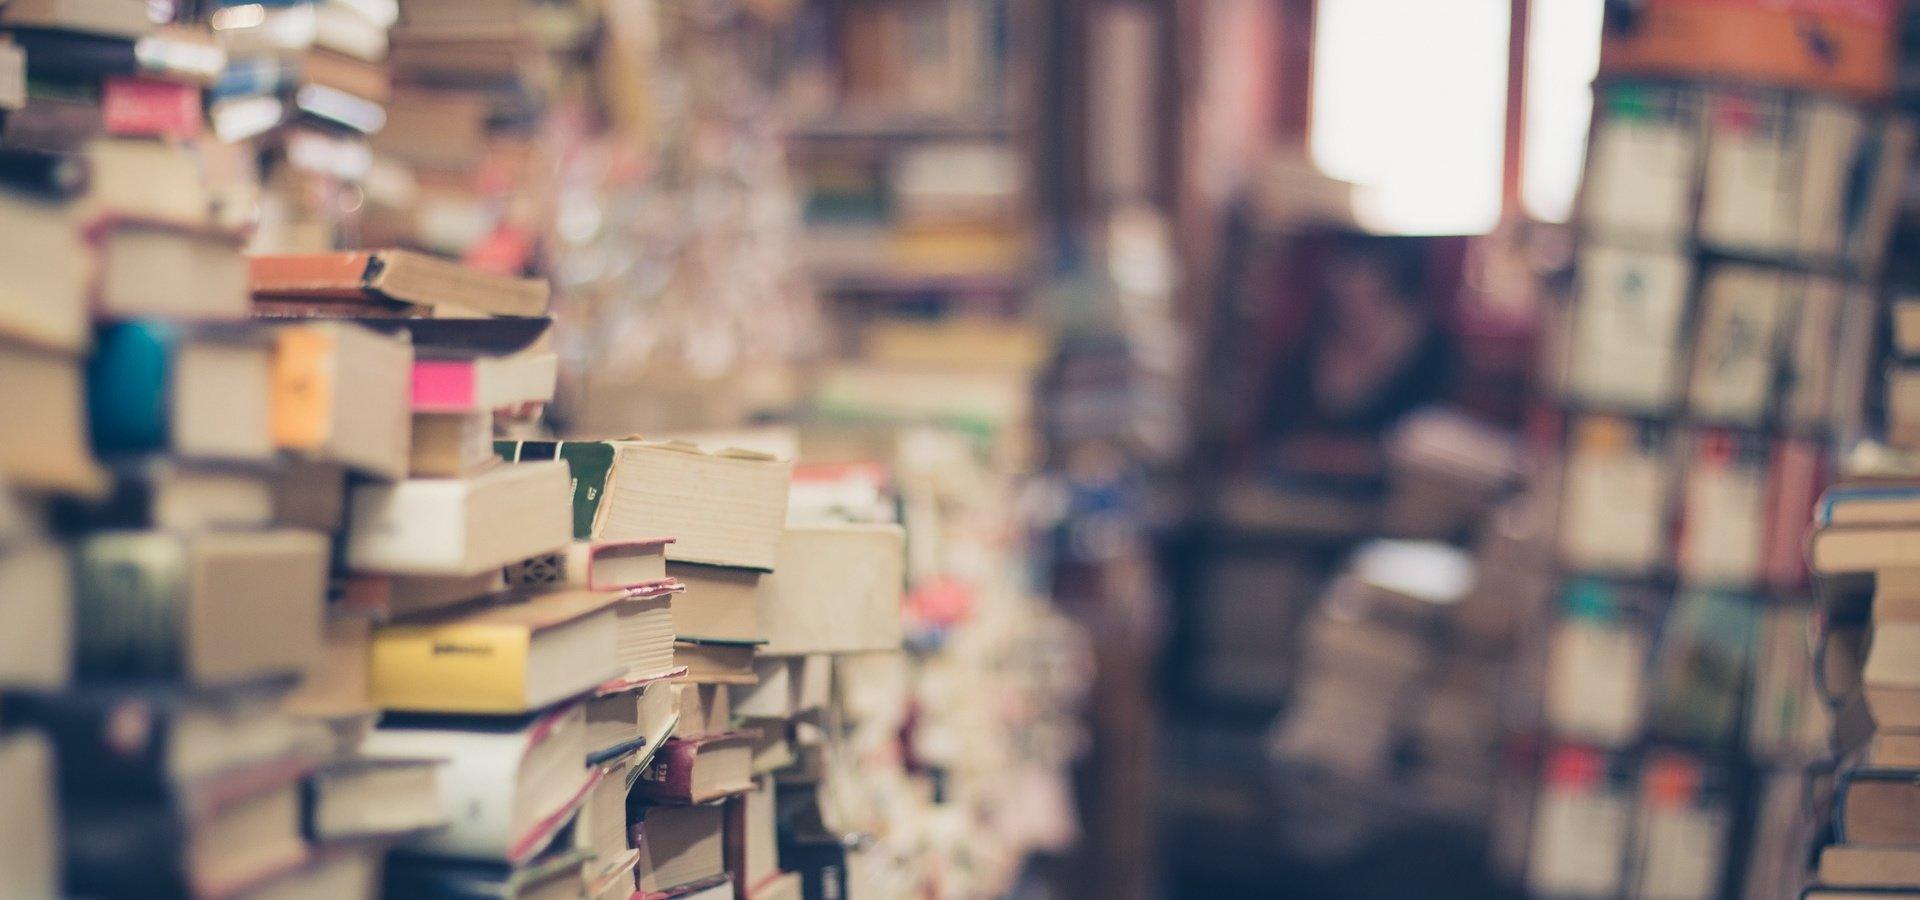 Nauka angielskiego w domu - skuteczna czy zbędna?